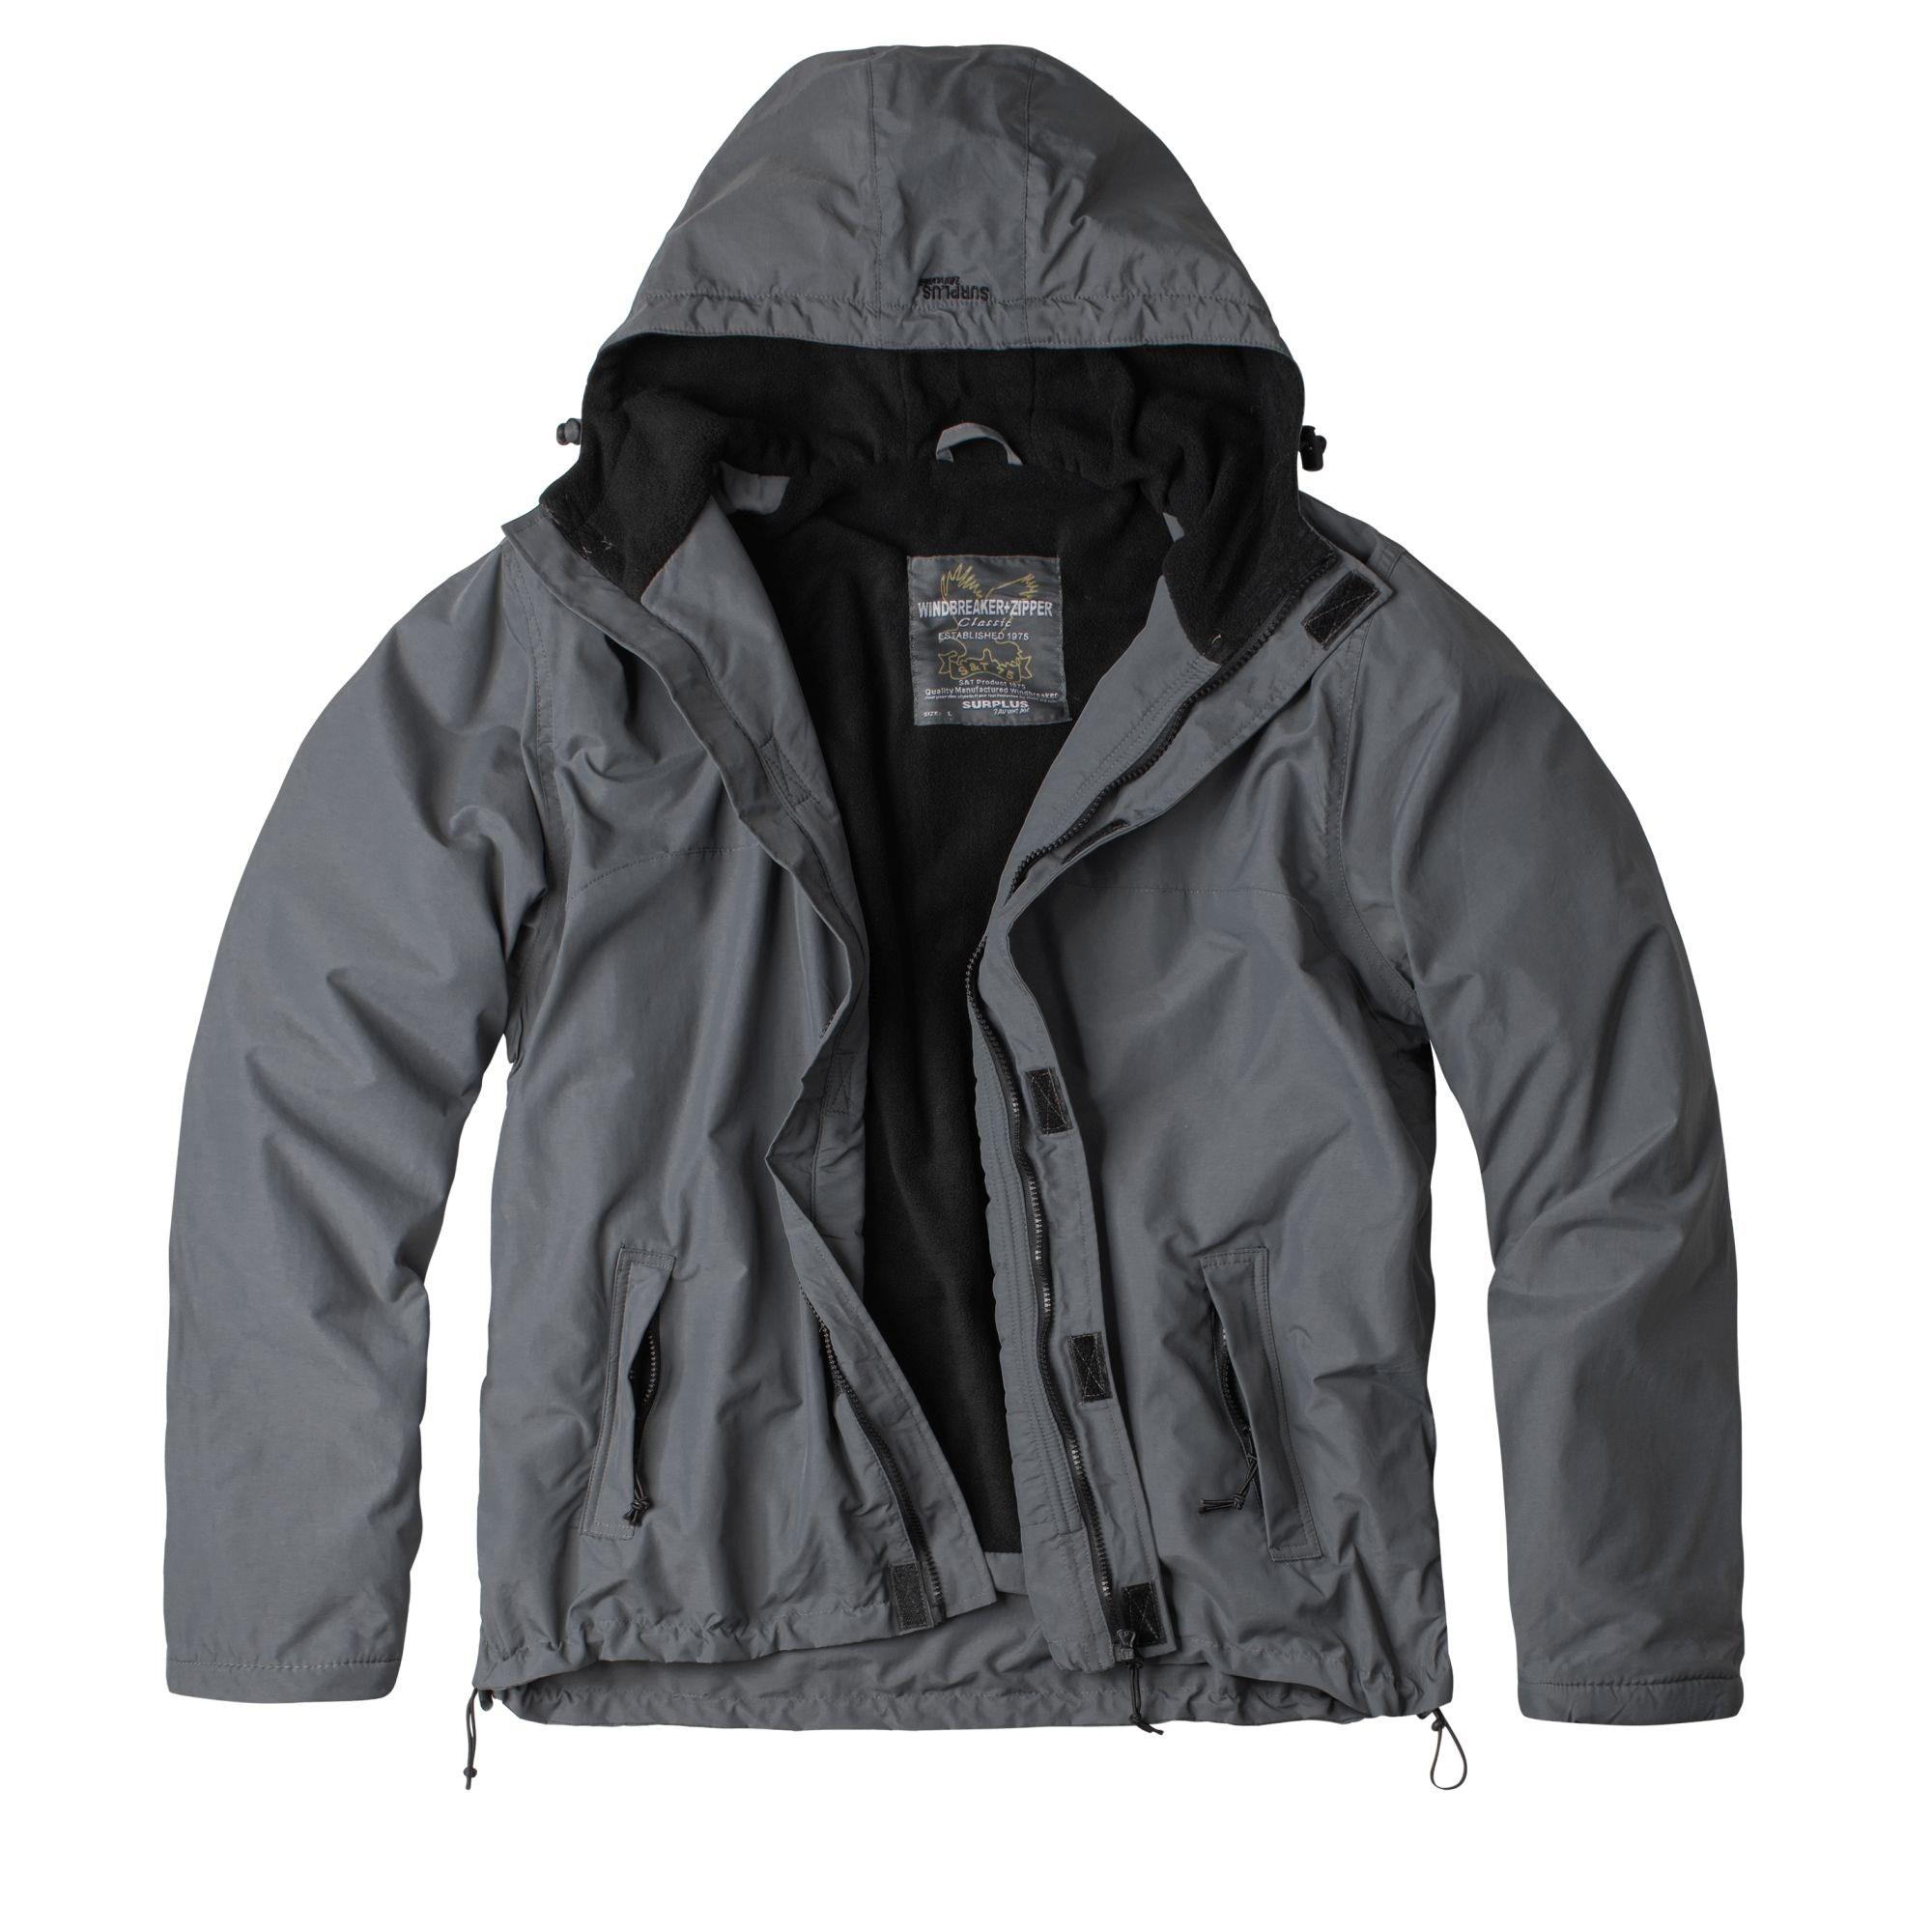 WINDBREAKER ZIPPER Jacket GREY SURPLUS 20-7002-04 L-11